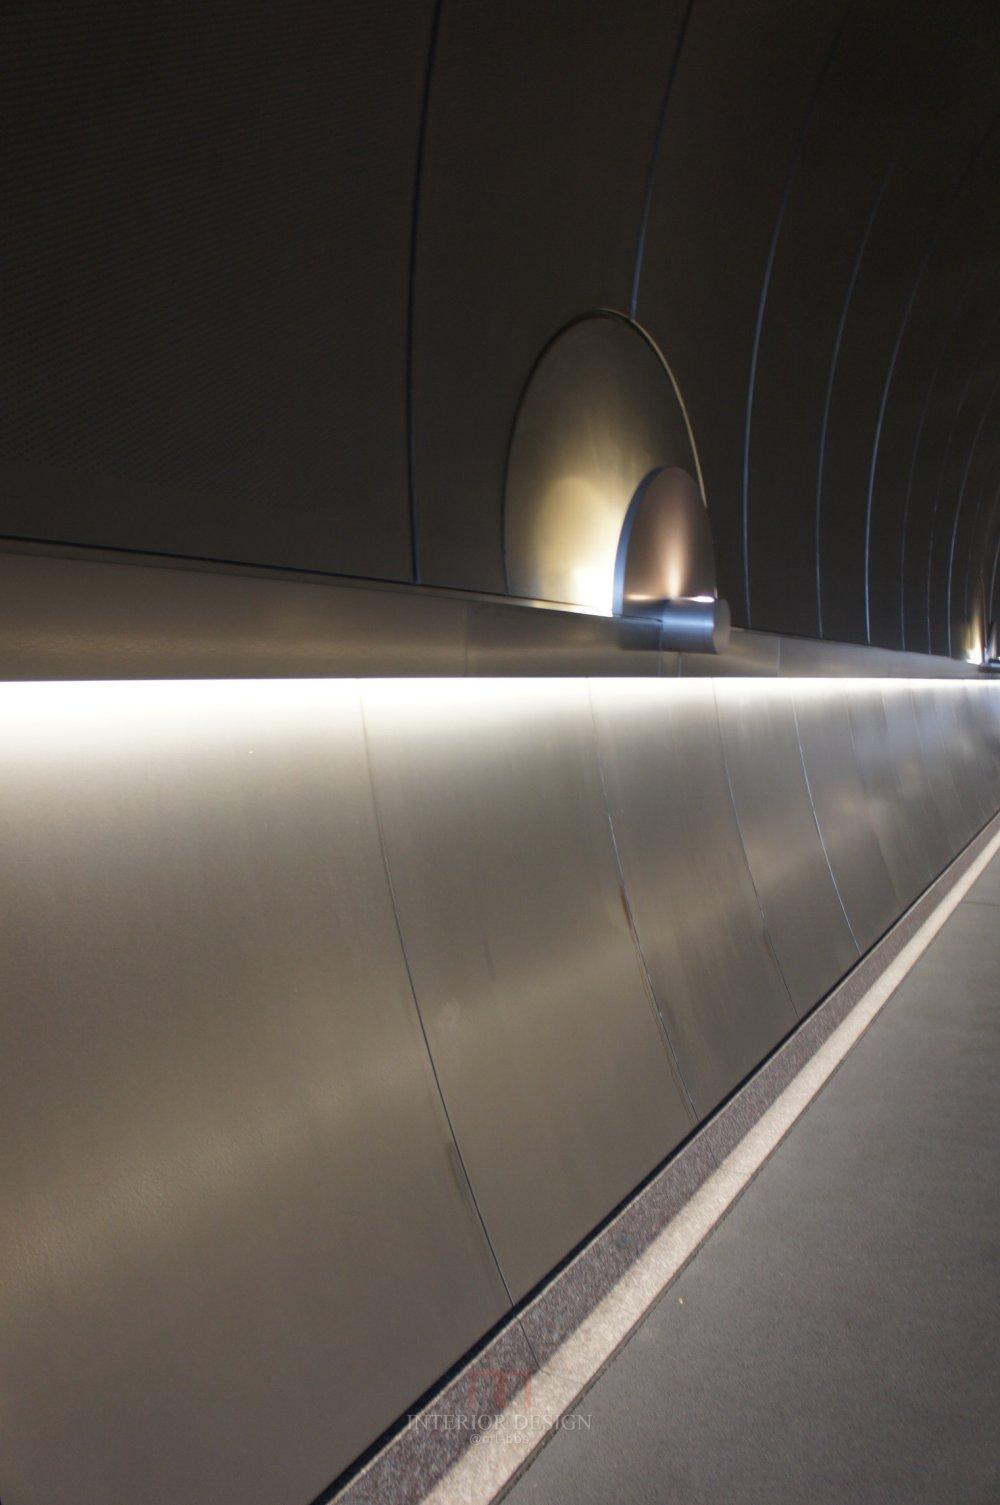 日本美秀美术馆MIHO MUSEUM自拍分享-贝聿铭_DSC06424.JPG